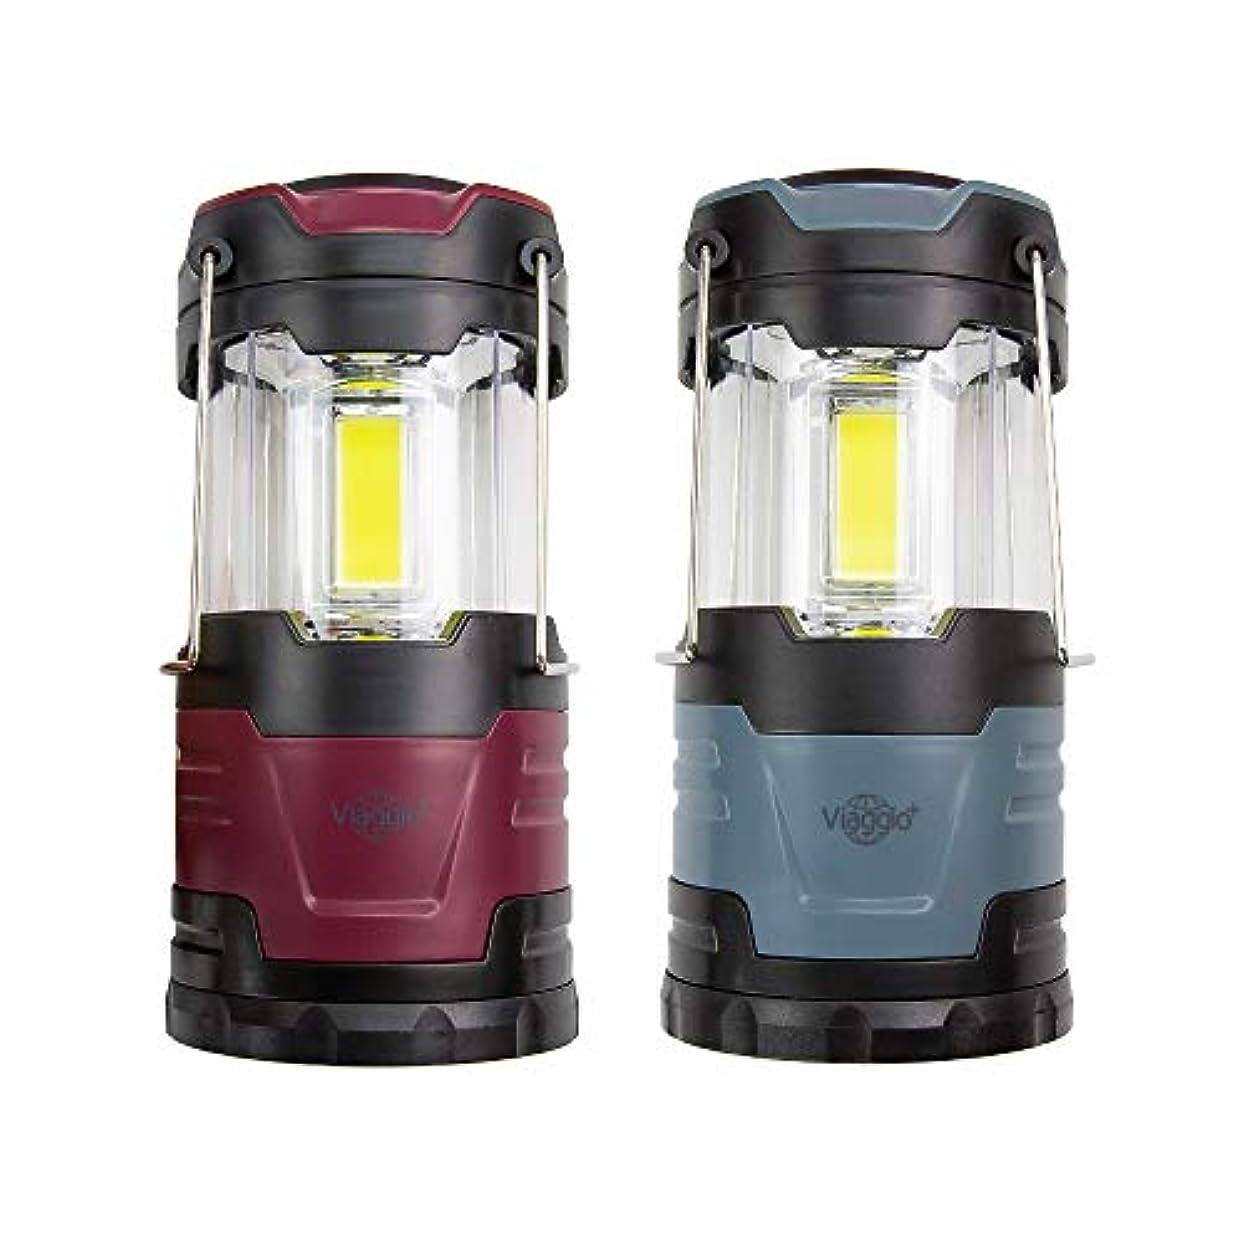 方程式まどろみのあるペニーViaggio+ LEDランタン 高輝度 500ルーメン 電池式 防滴 折り畳み式 ポータブル アウトドア キャンプ テントライト 登山 夜釣り ハイキング 防災 Firefly3